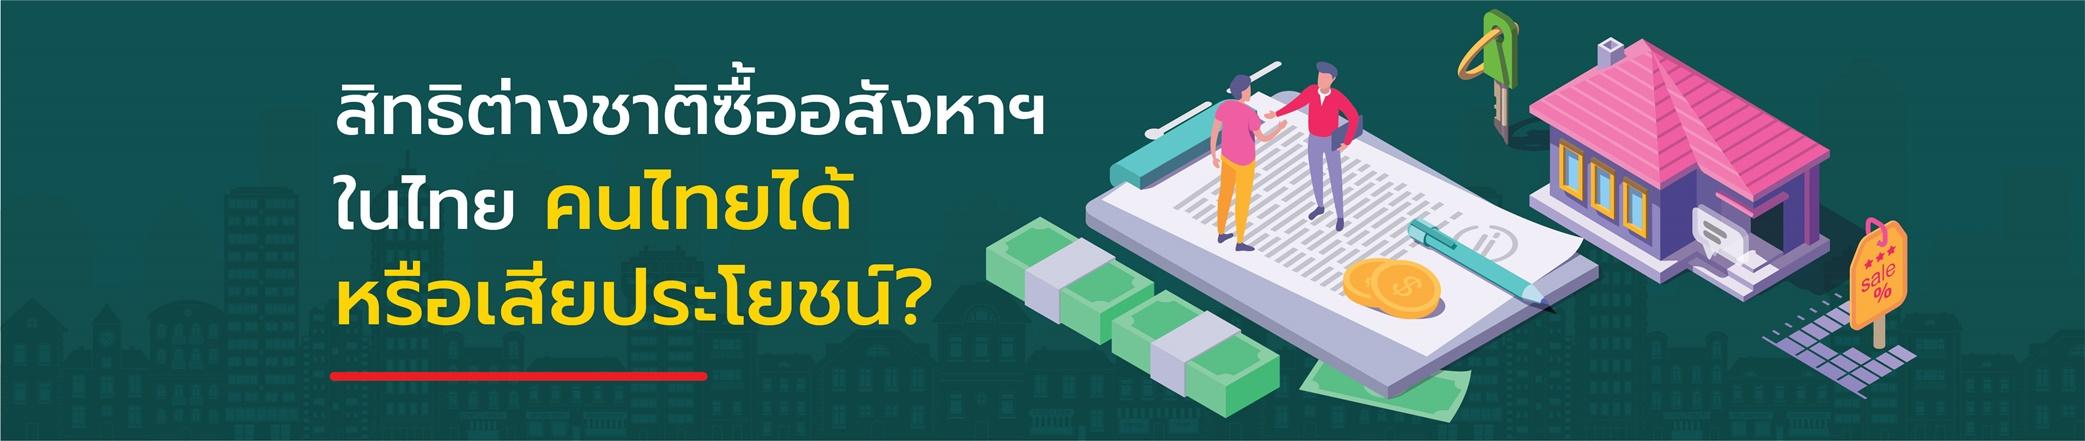 การให้สิทธิชาวต่างชาติซื้ออสังหาริมทรัพย์ และที่ดินในไทย คนไทยได้หรือเสียประโยชน์?